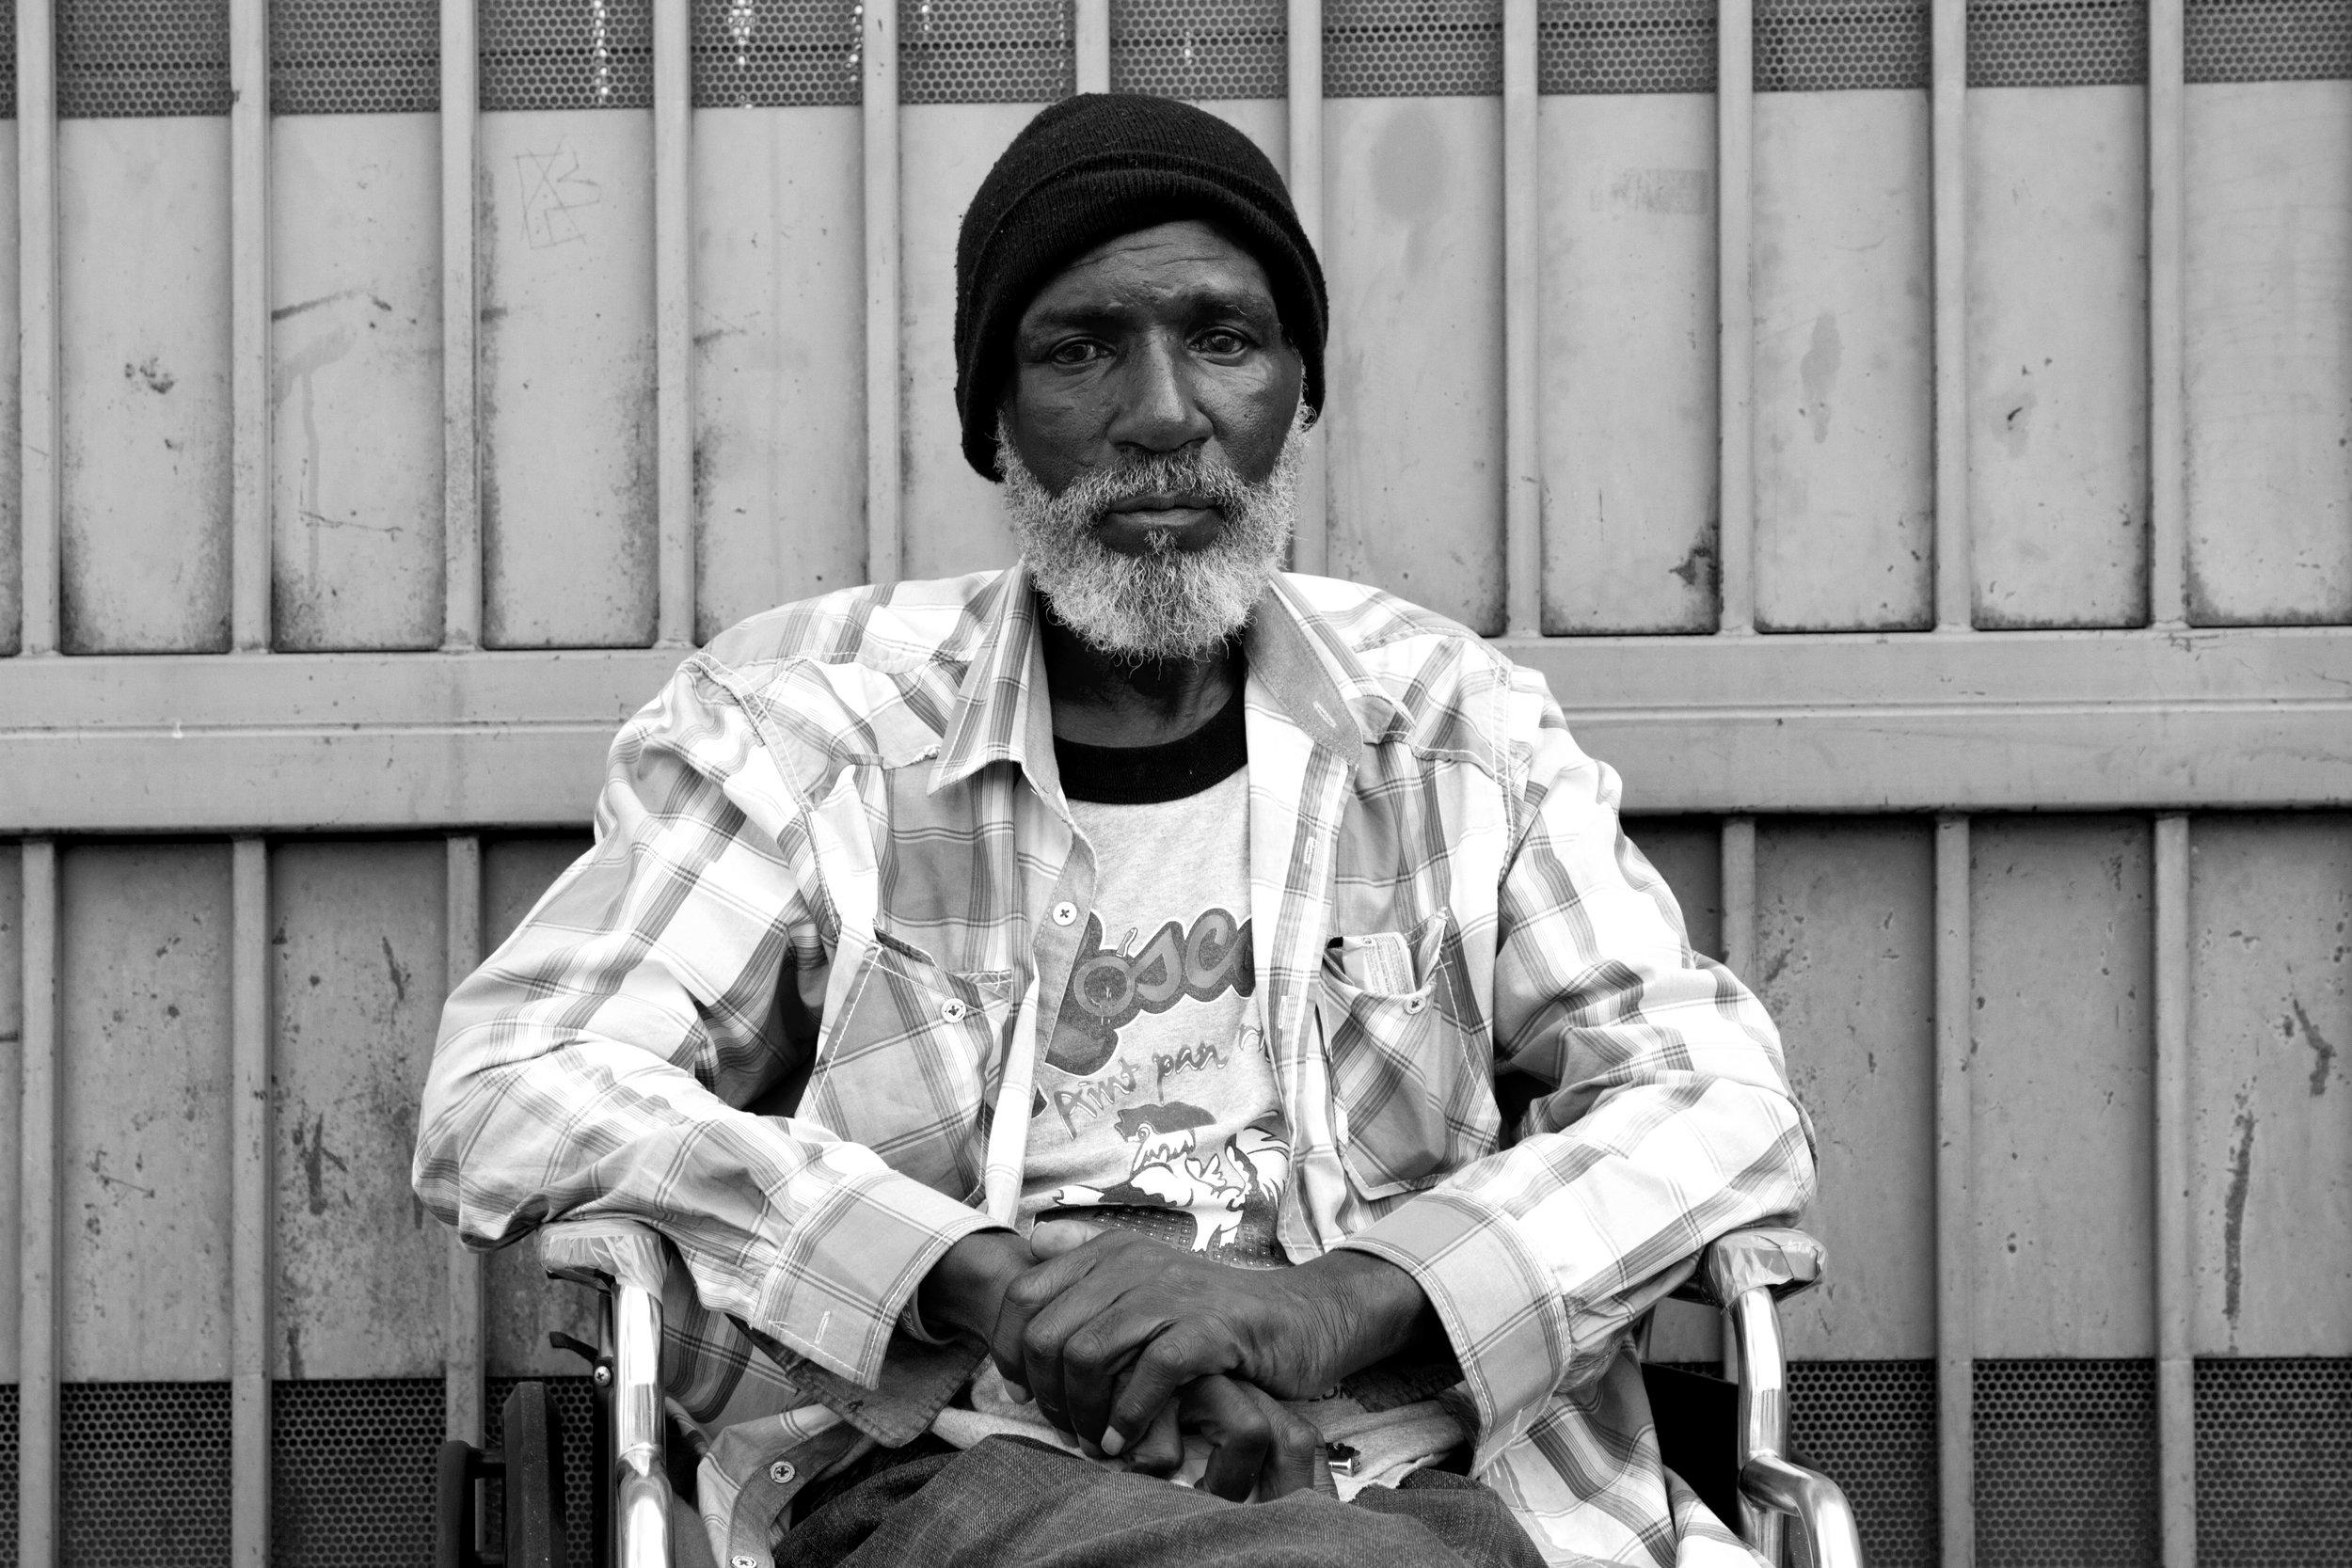 Louis Carl Jr, 68